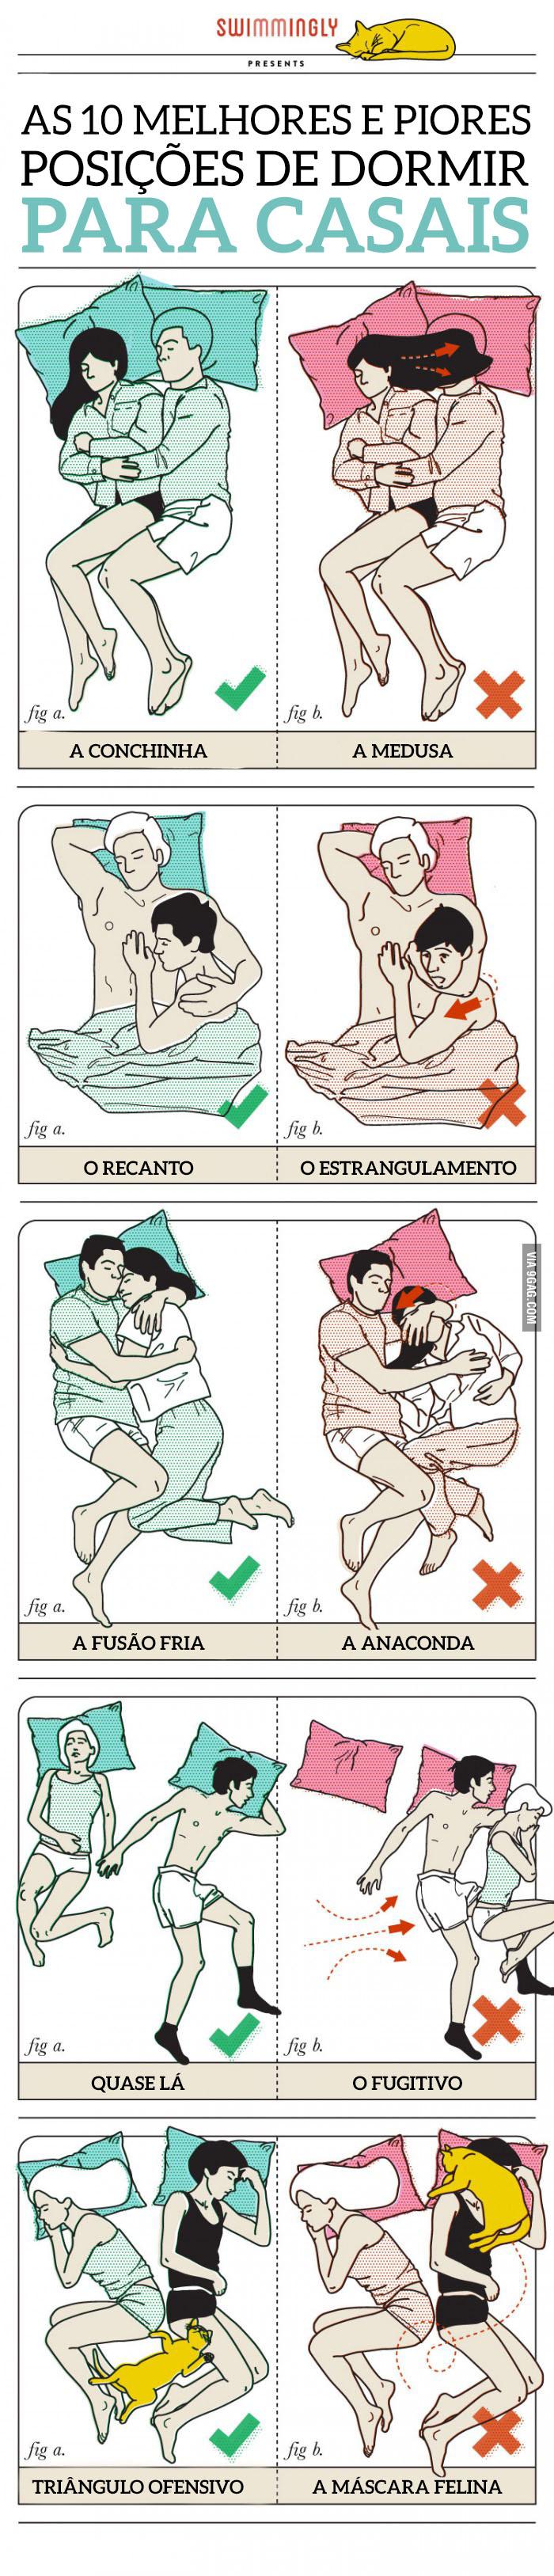 10 formas de dormir